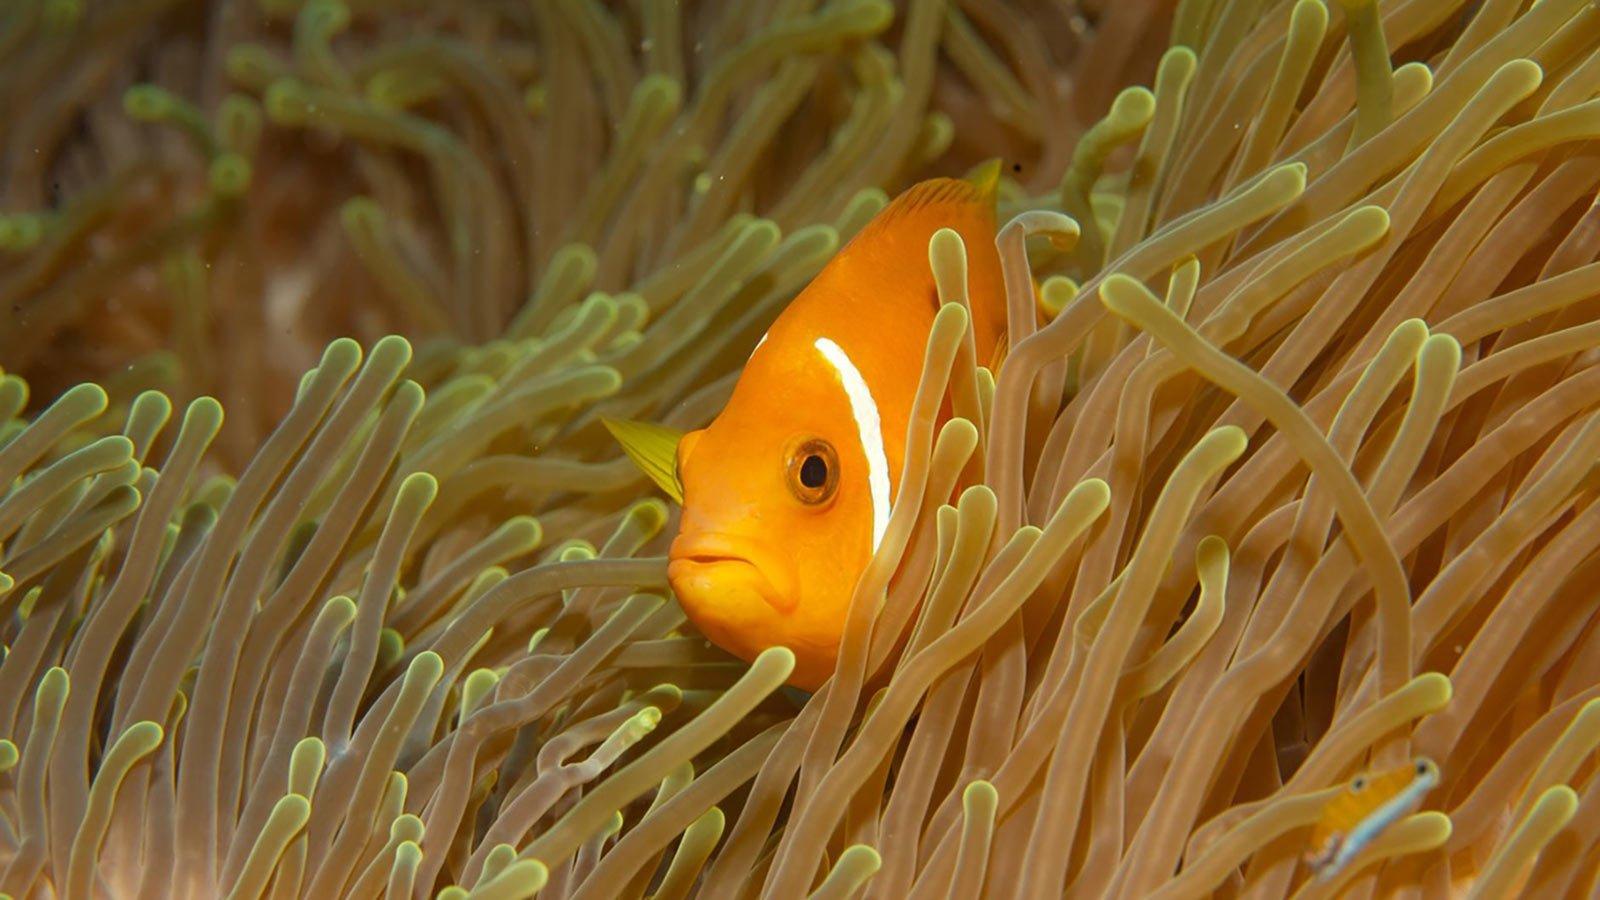 Maldives Snorkelling clownfish